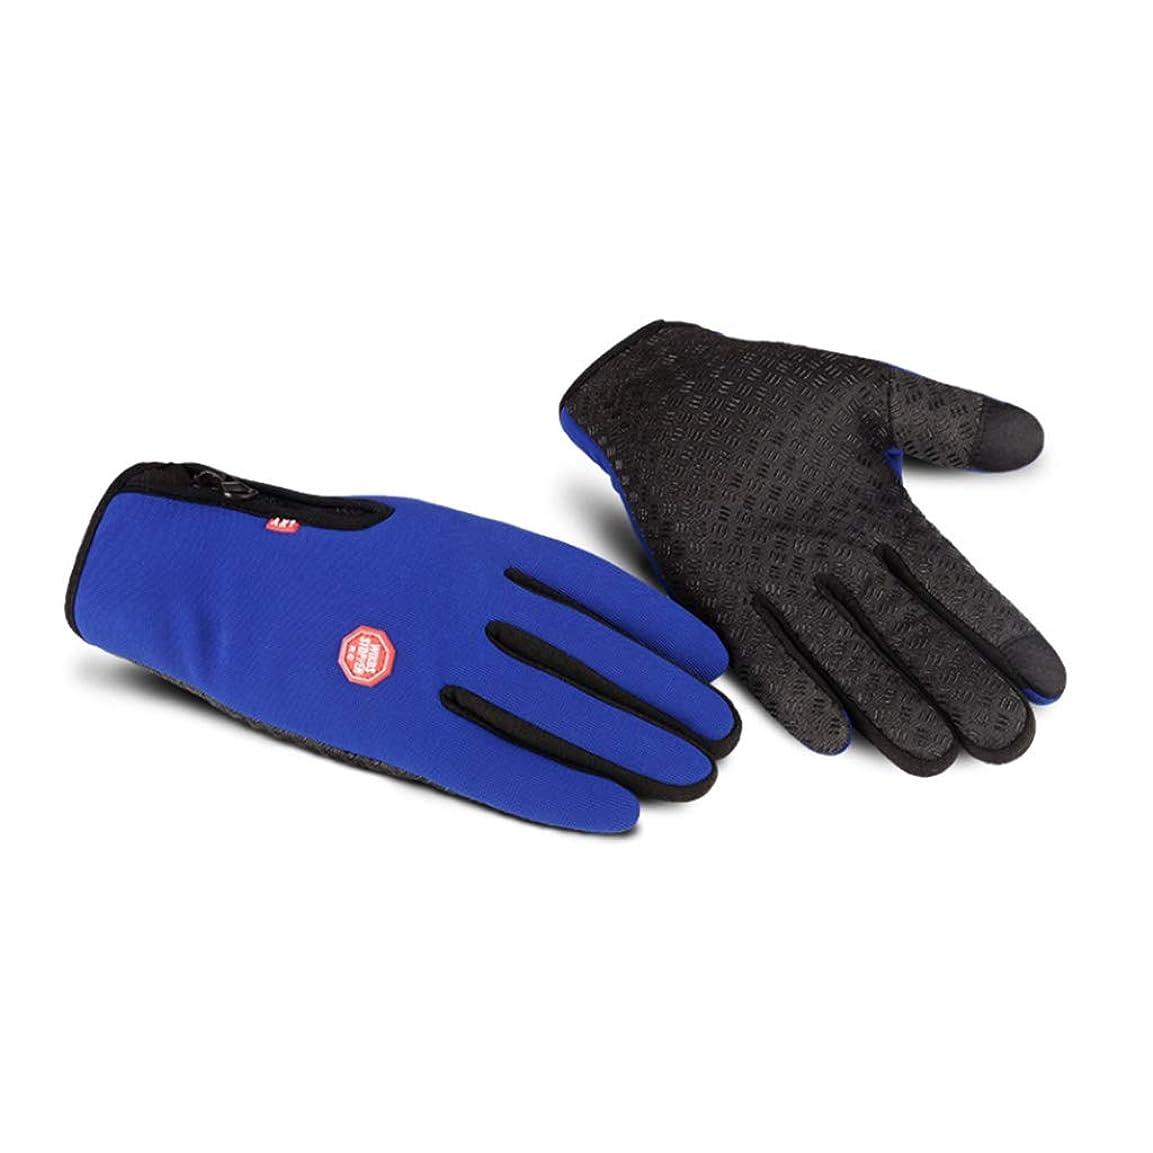 山岳暴露する去る手袋の男性の秋と冬の自転車電動バイクの女性のタッチスクリーンはすべて防風ノンスリップ暖かい冬のコールドプラスベルベット弾性手袋を意味する (色 : 青)